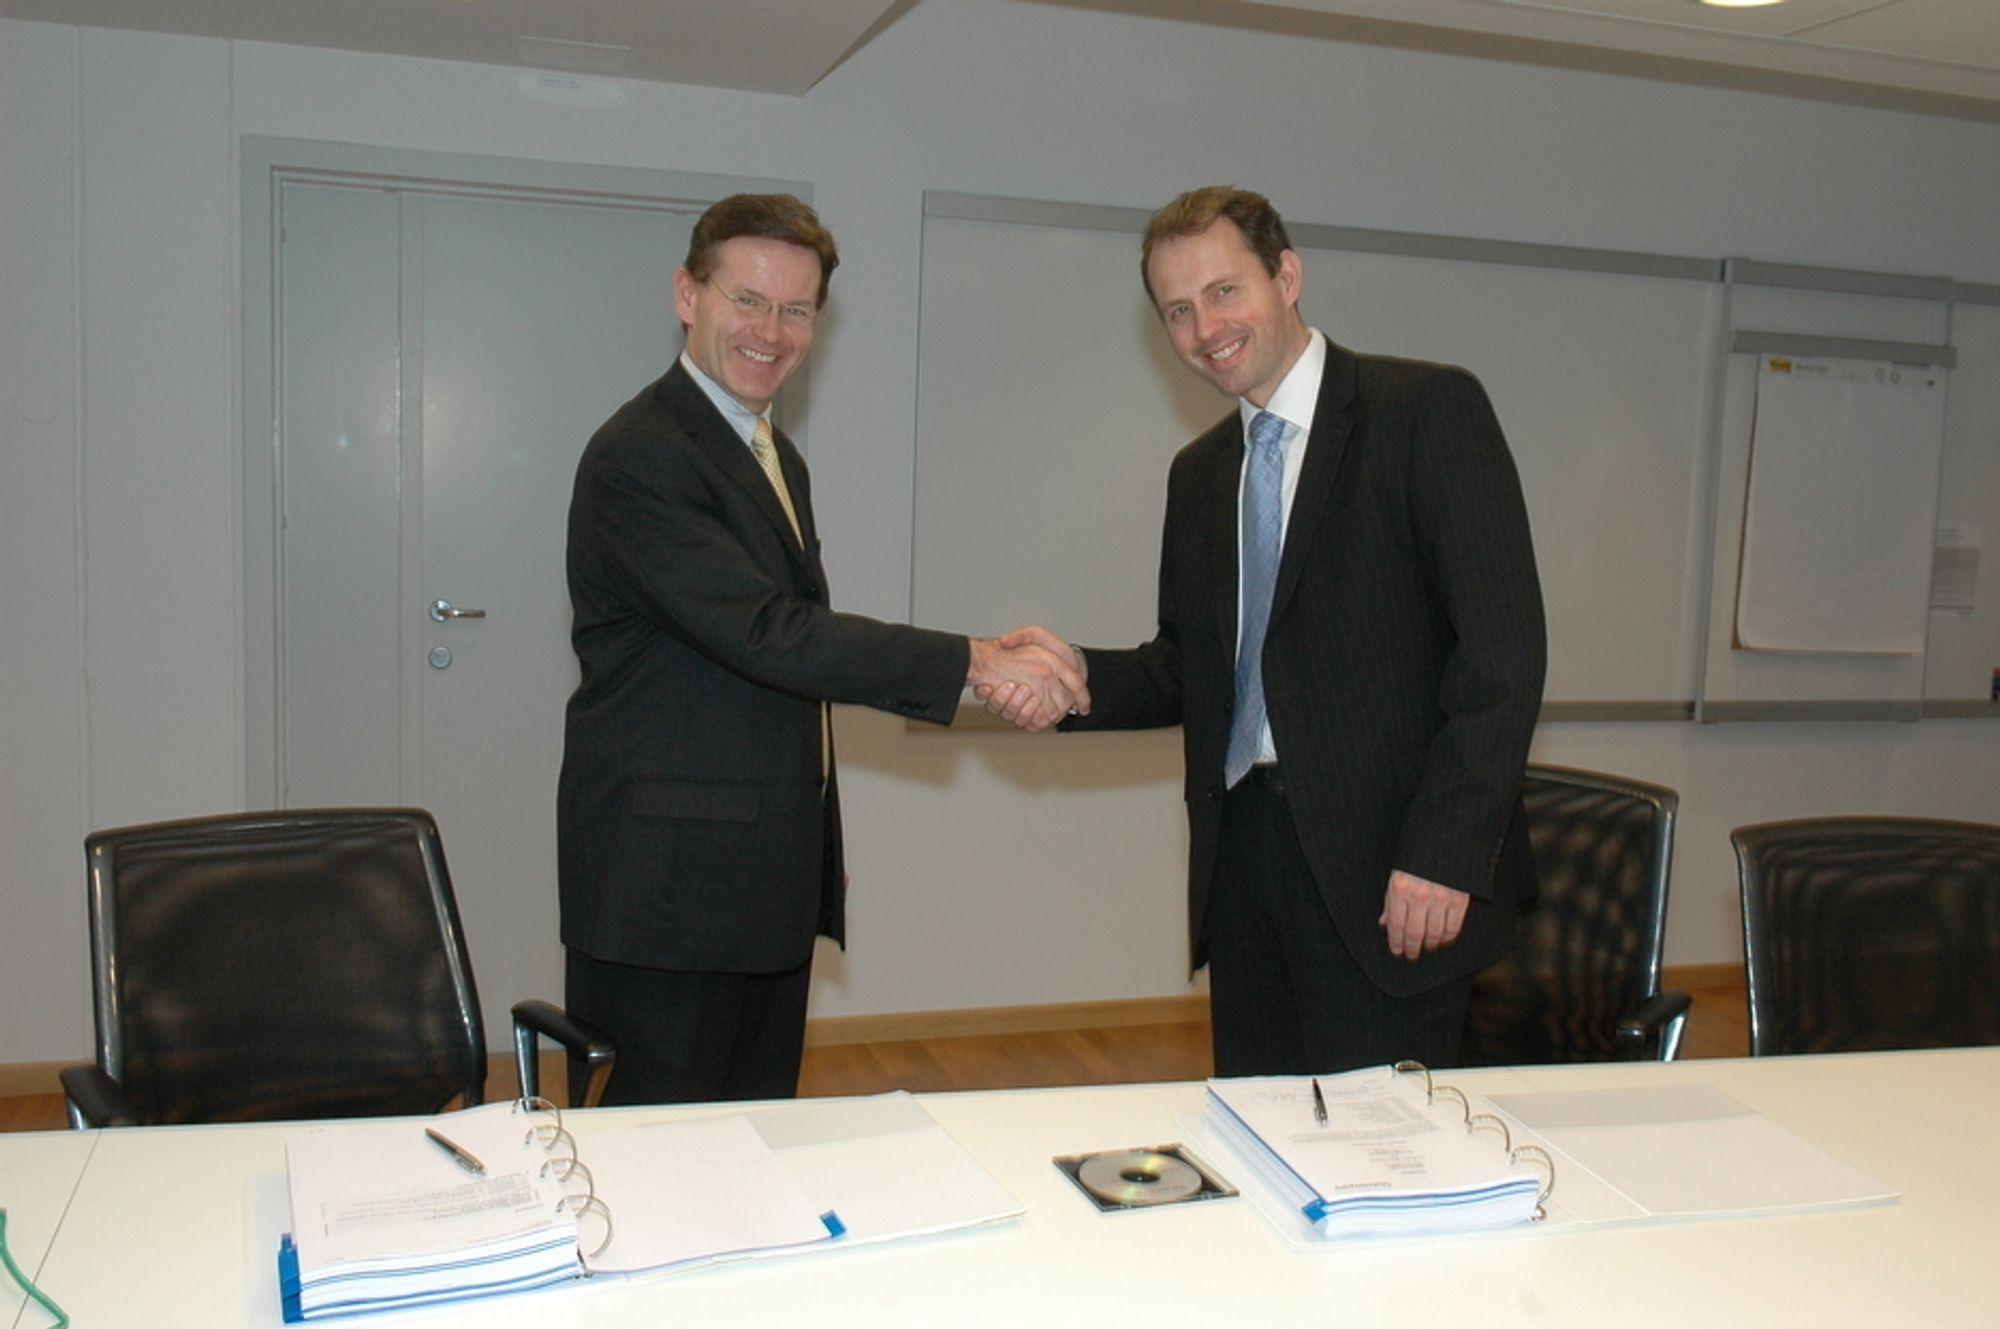 FØRST UTE: Nicolay Ramm i StatoilHydro gratulerer Jan Roger Bjerkestrand i Aker Clean Carbon med kontrakt for et storskala CO2 renseanlegg på Mongstad.